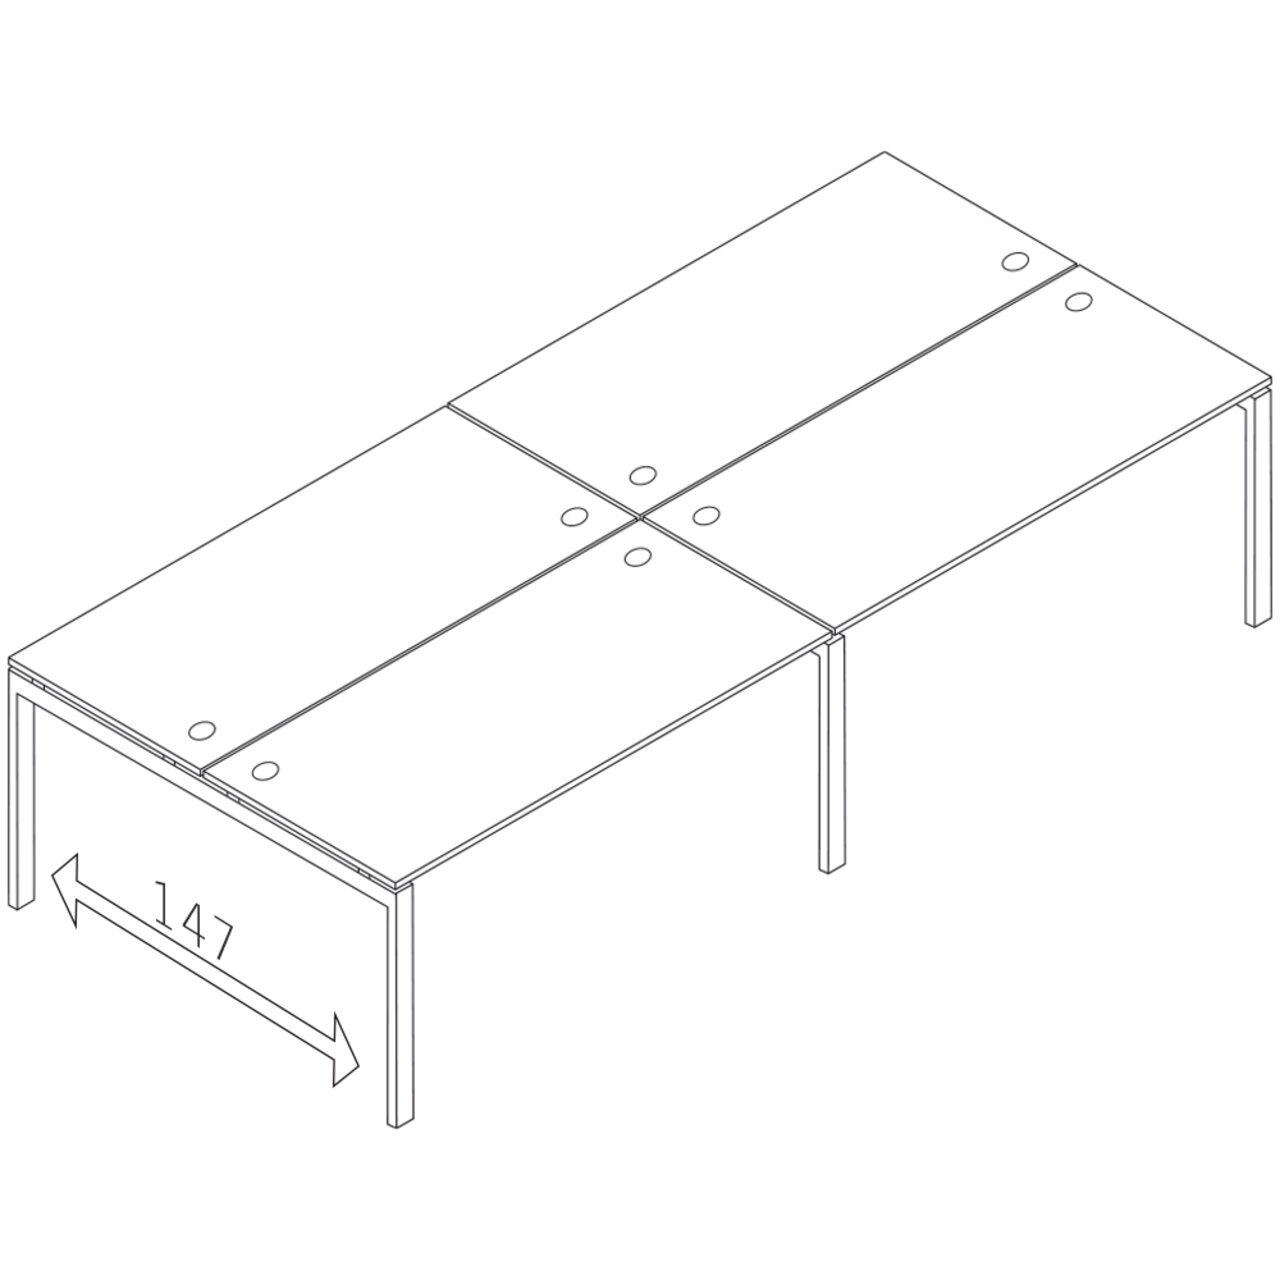 Бенч-система на 4 места  TREND 280x148x75 - фото 1